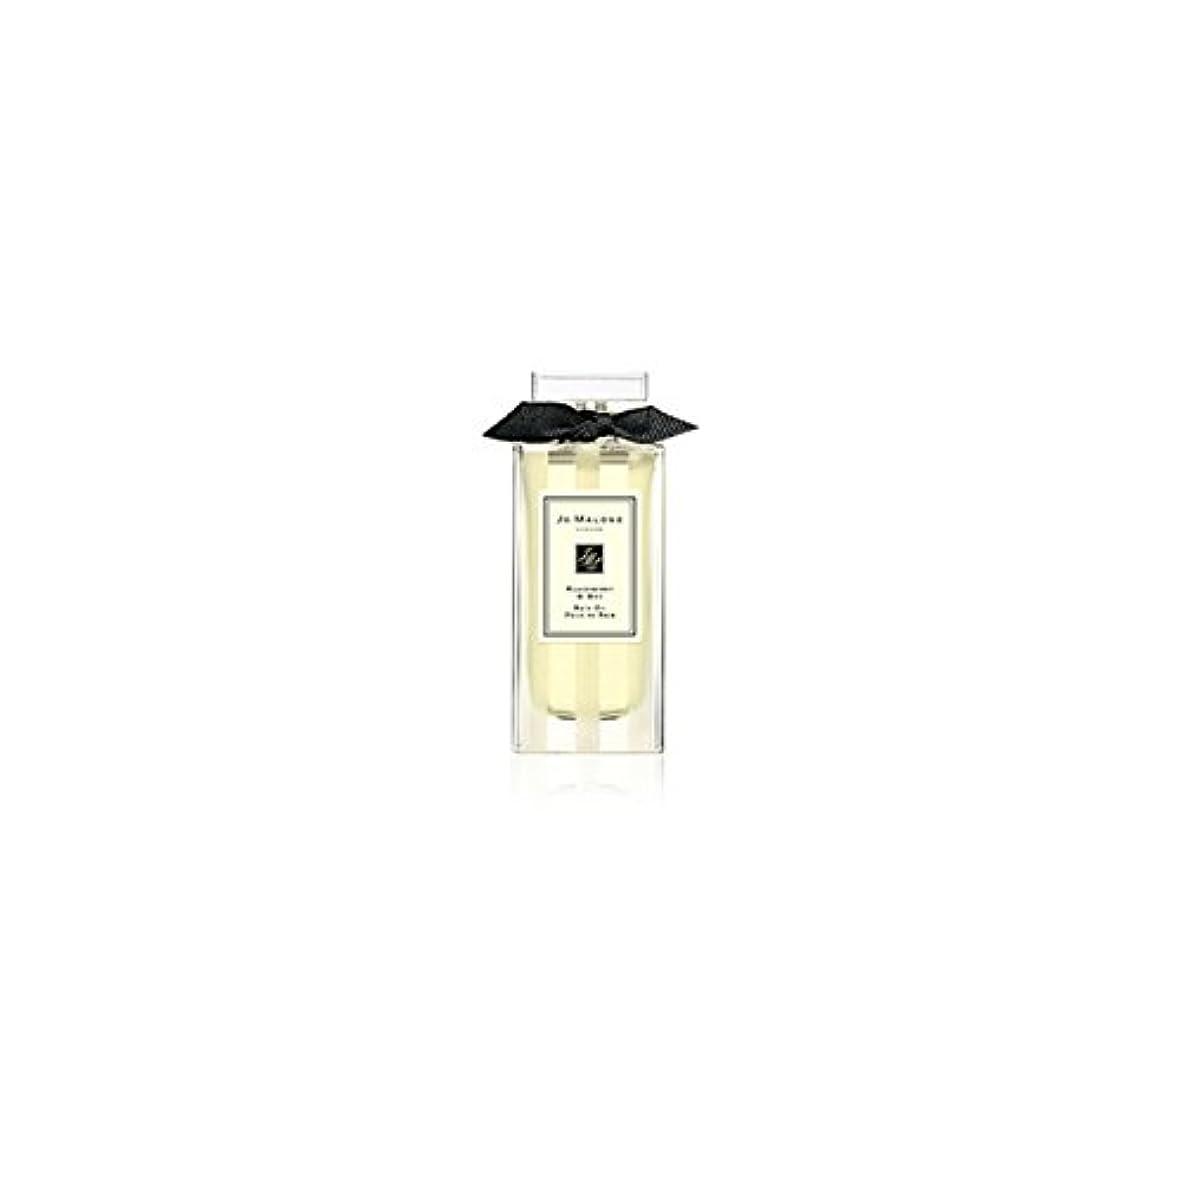 テンション順応性なめらかなJo Malone Blackberry & Bay Bath Oil - 30ml (Pack of 6) - ジョーマローンブラックベリー&ベイバスオイル - 30ミリリットル (x6) [並行輸入品]